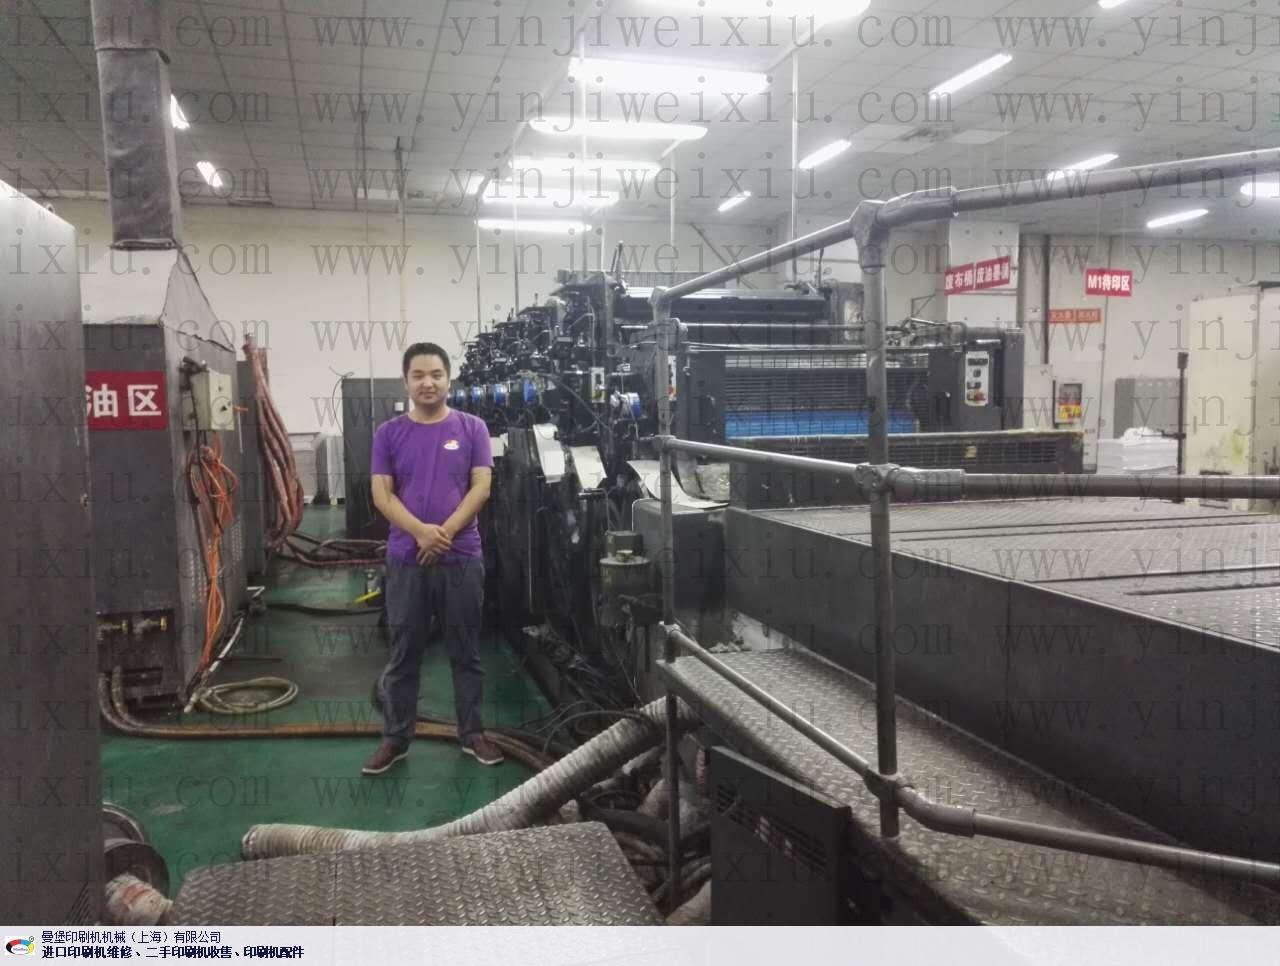 二手印刷机配件 来电咨询「曼堡印刷机械(上海)供应」